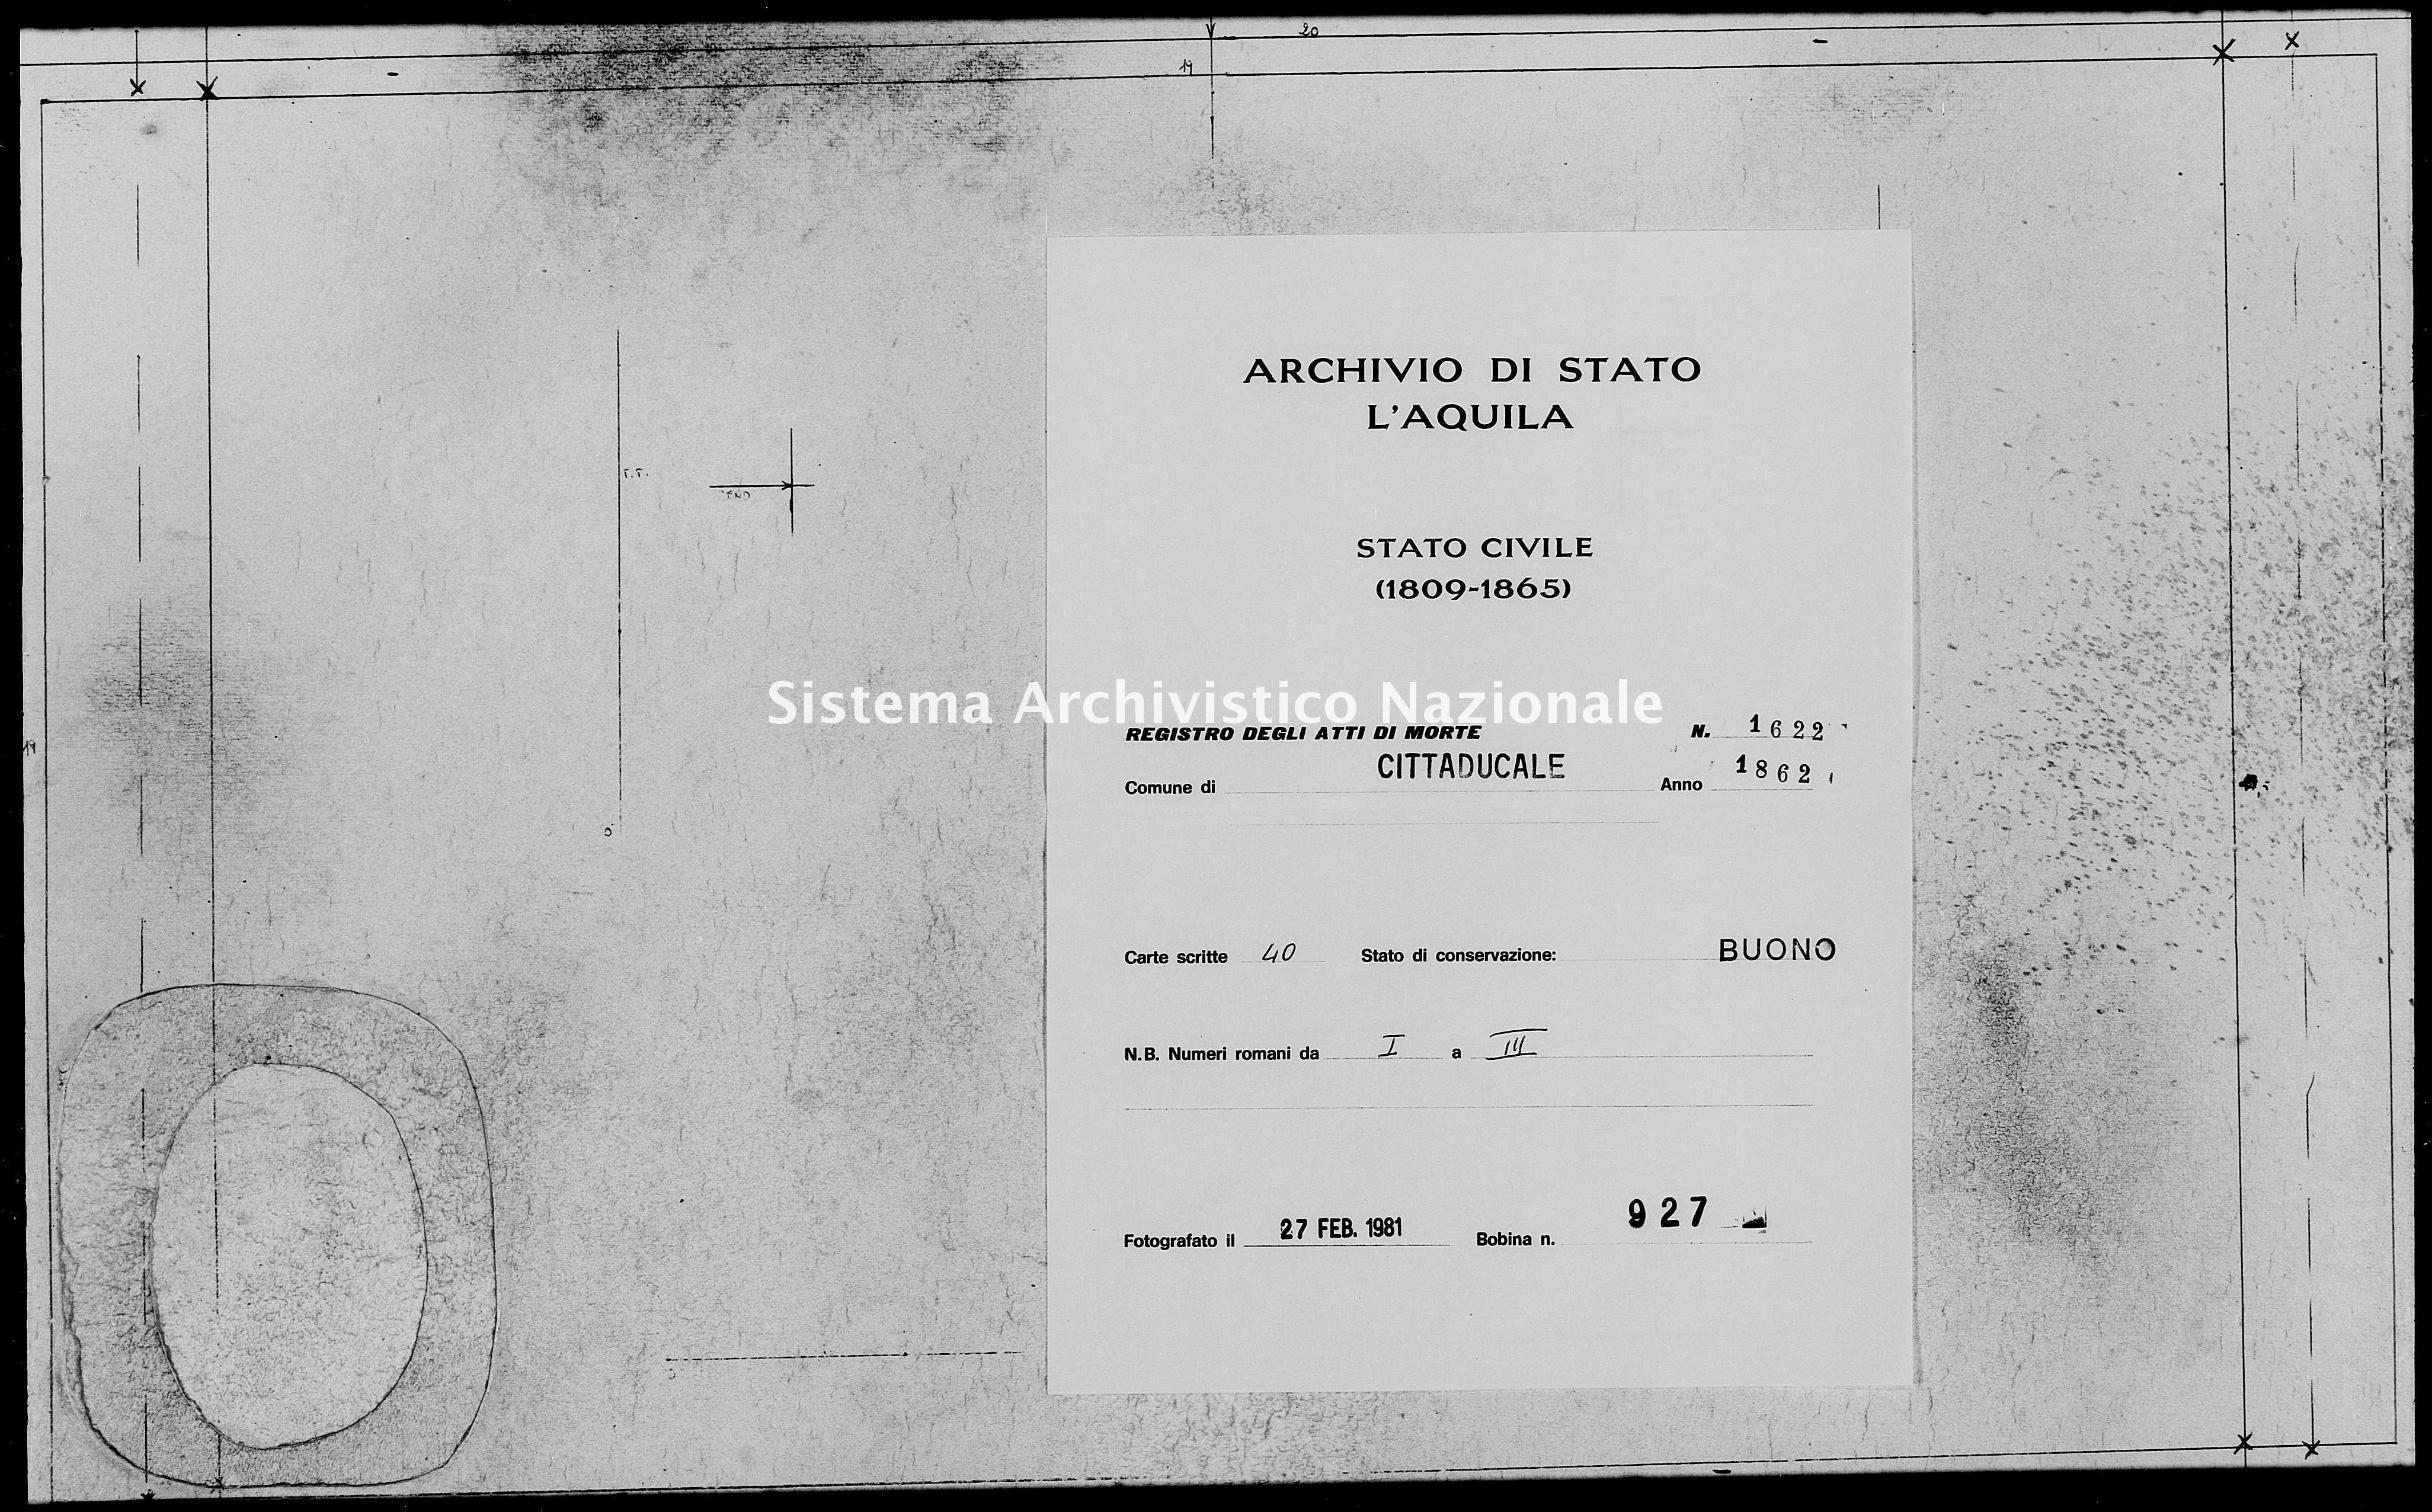 Archivio di stato di L'aquila - Stato civile italiano - Cittaducale - Morti - 1862 - 1622 -